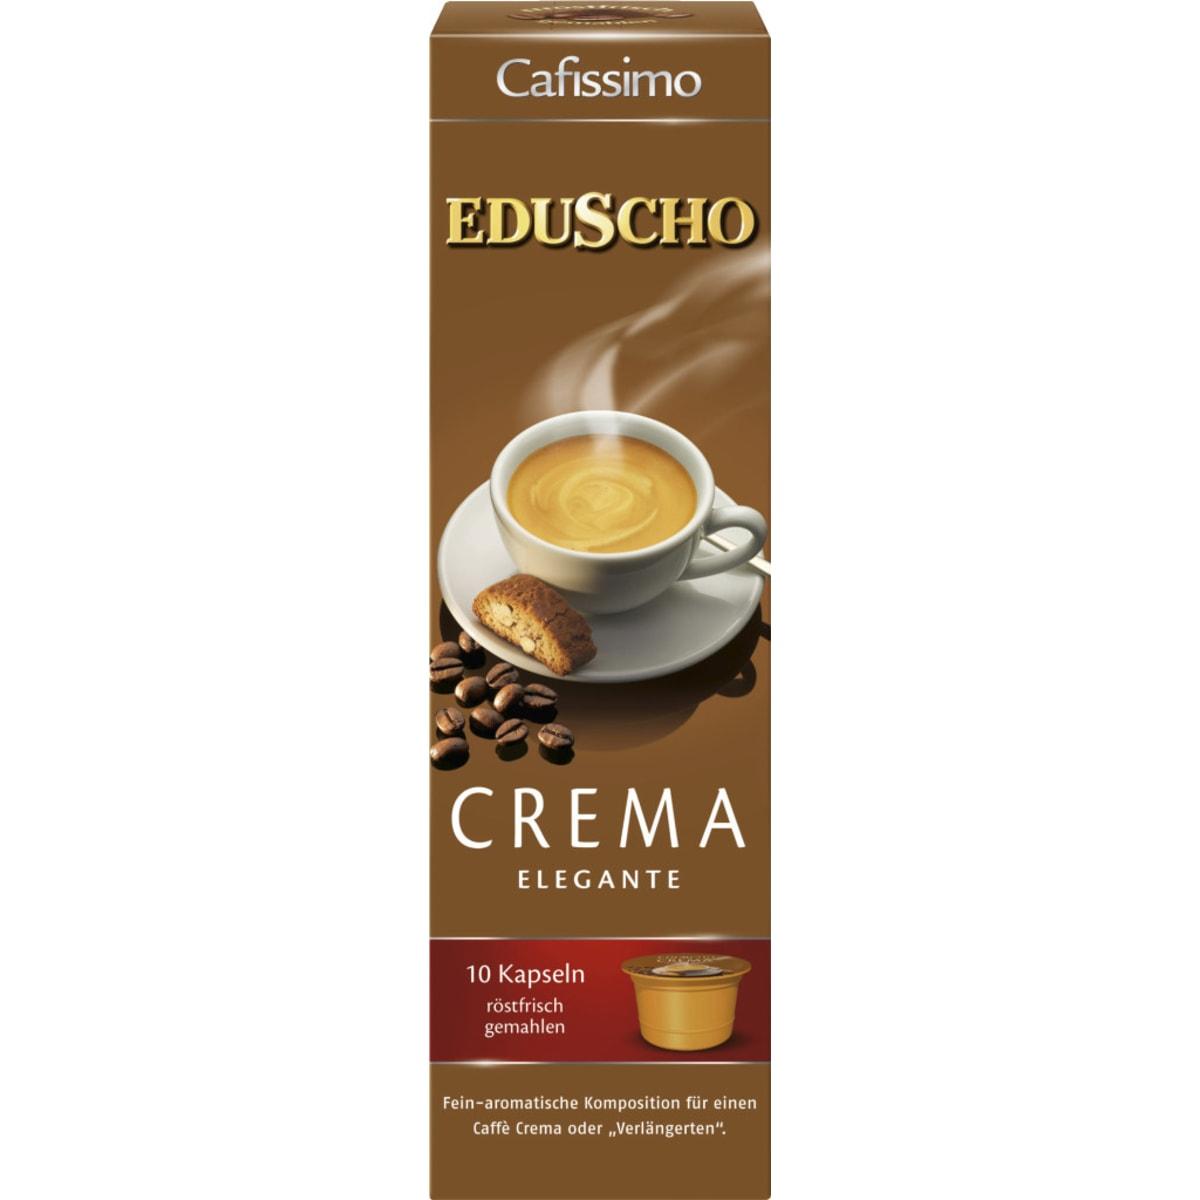 Eduscho Cafissimo Crema Elegante